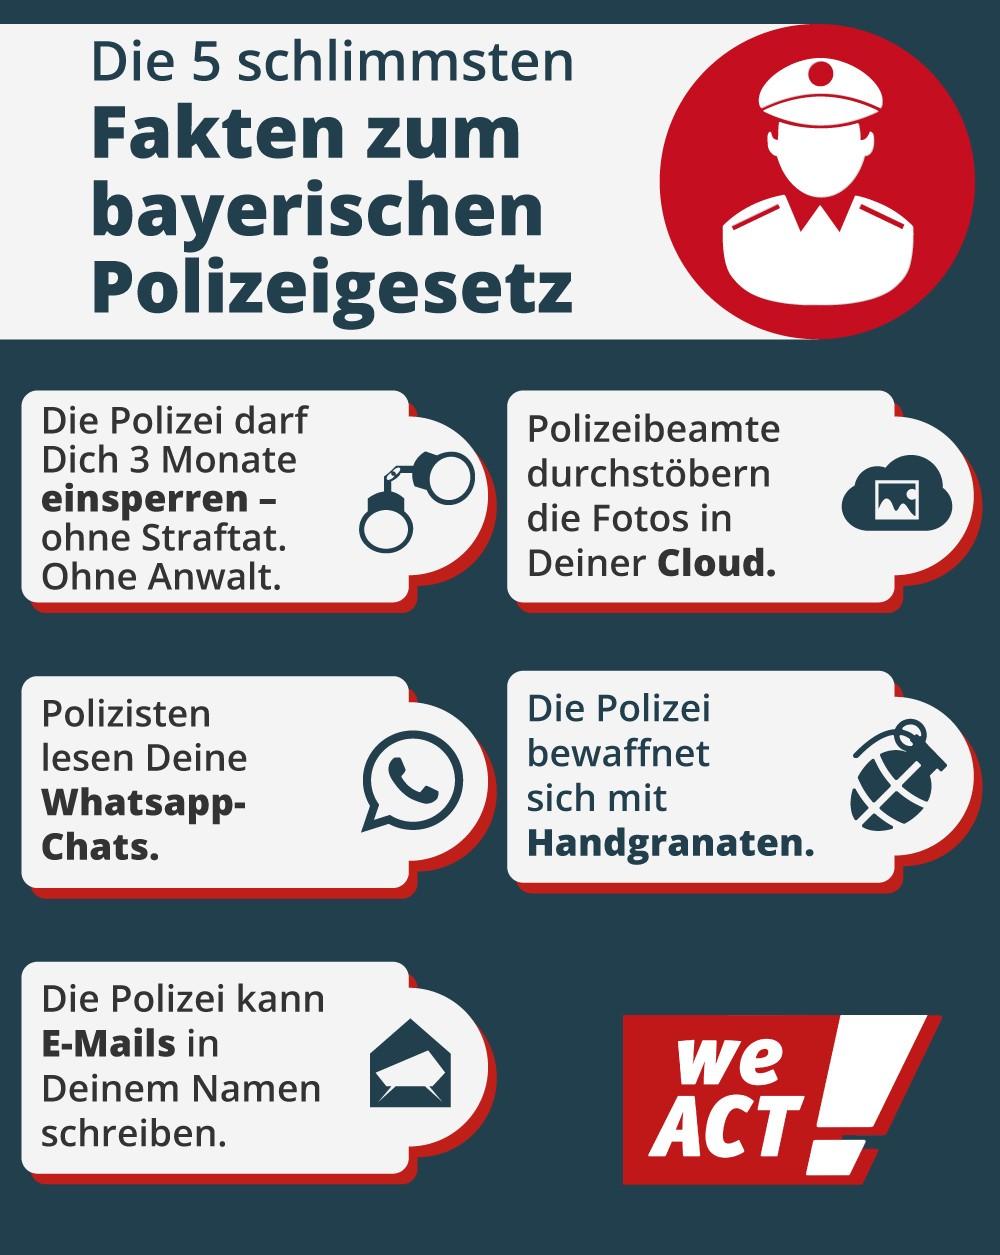 Die 5 schlimmsten Fakten zum bayerischen Polizeigesetz / Jetzt WeAct-Petition unterzeichnen